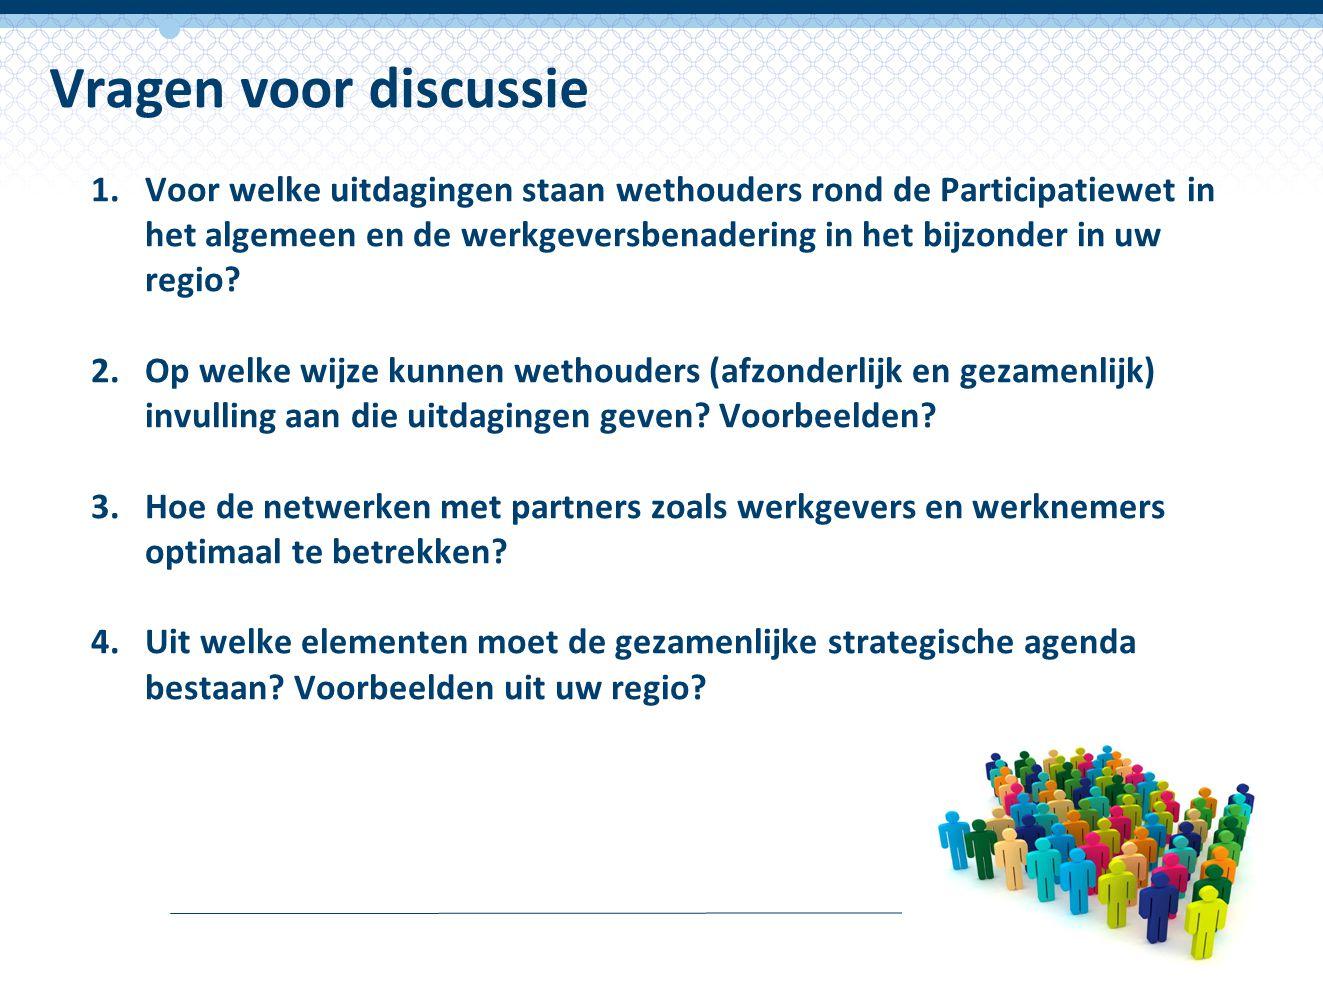 1.Voor welke uitdagingen staan wethouders rond de Participatiewet in het algemeen en de werkgeversbenadering in het bijzonder in uw regio? 2.Op welke